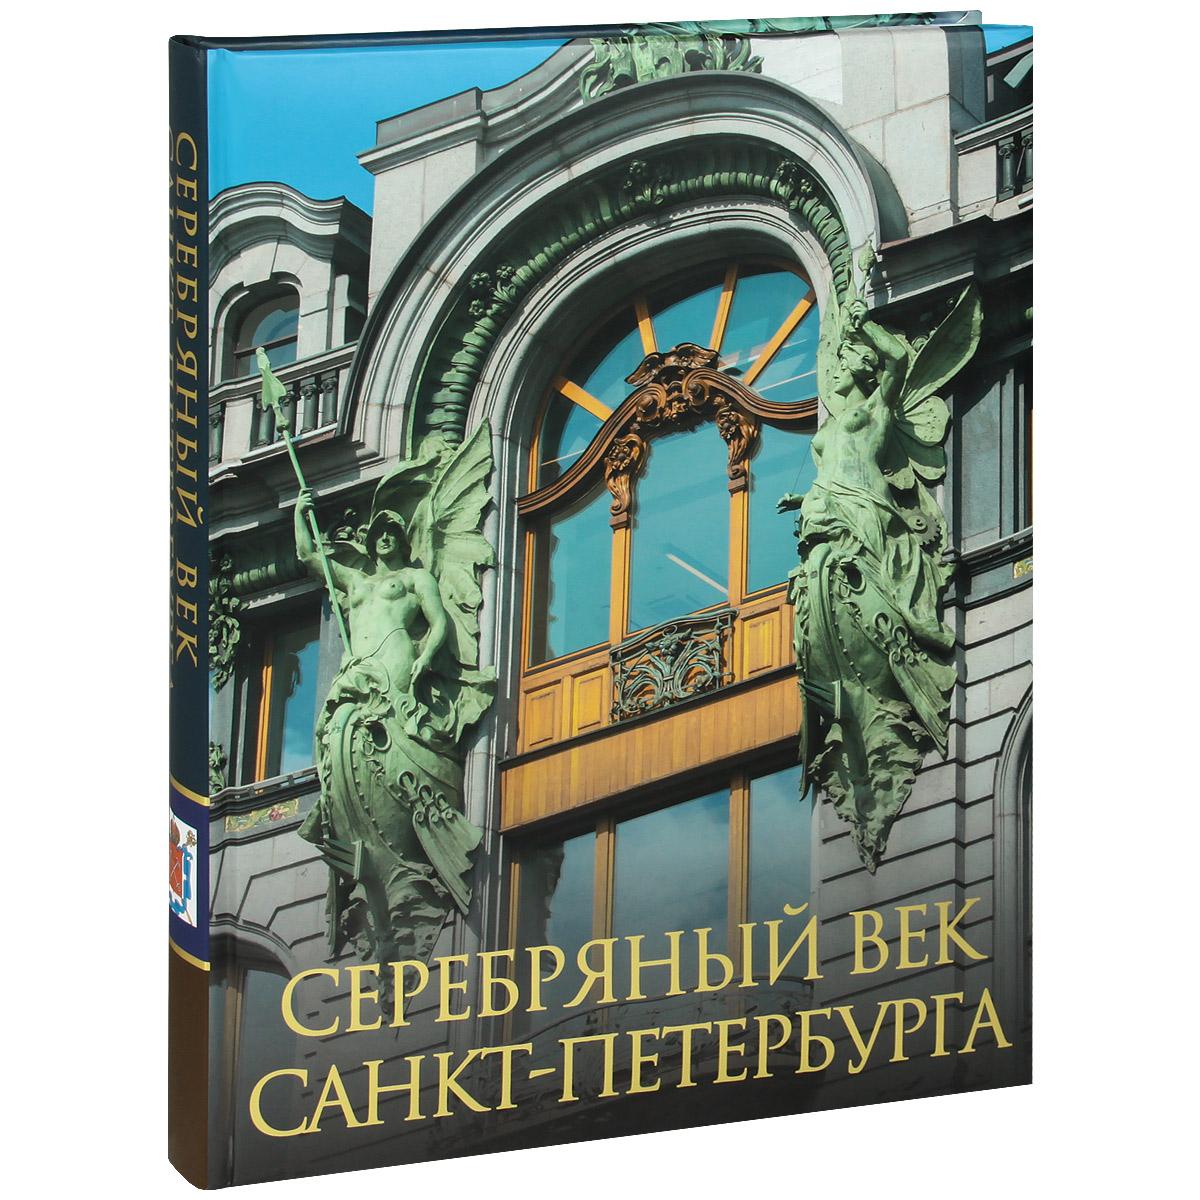 Серебряный век Санкт-Петербурга, К. Жуков, Р. Клубков